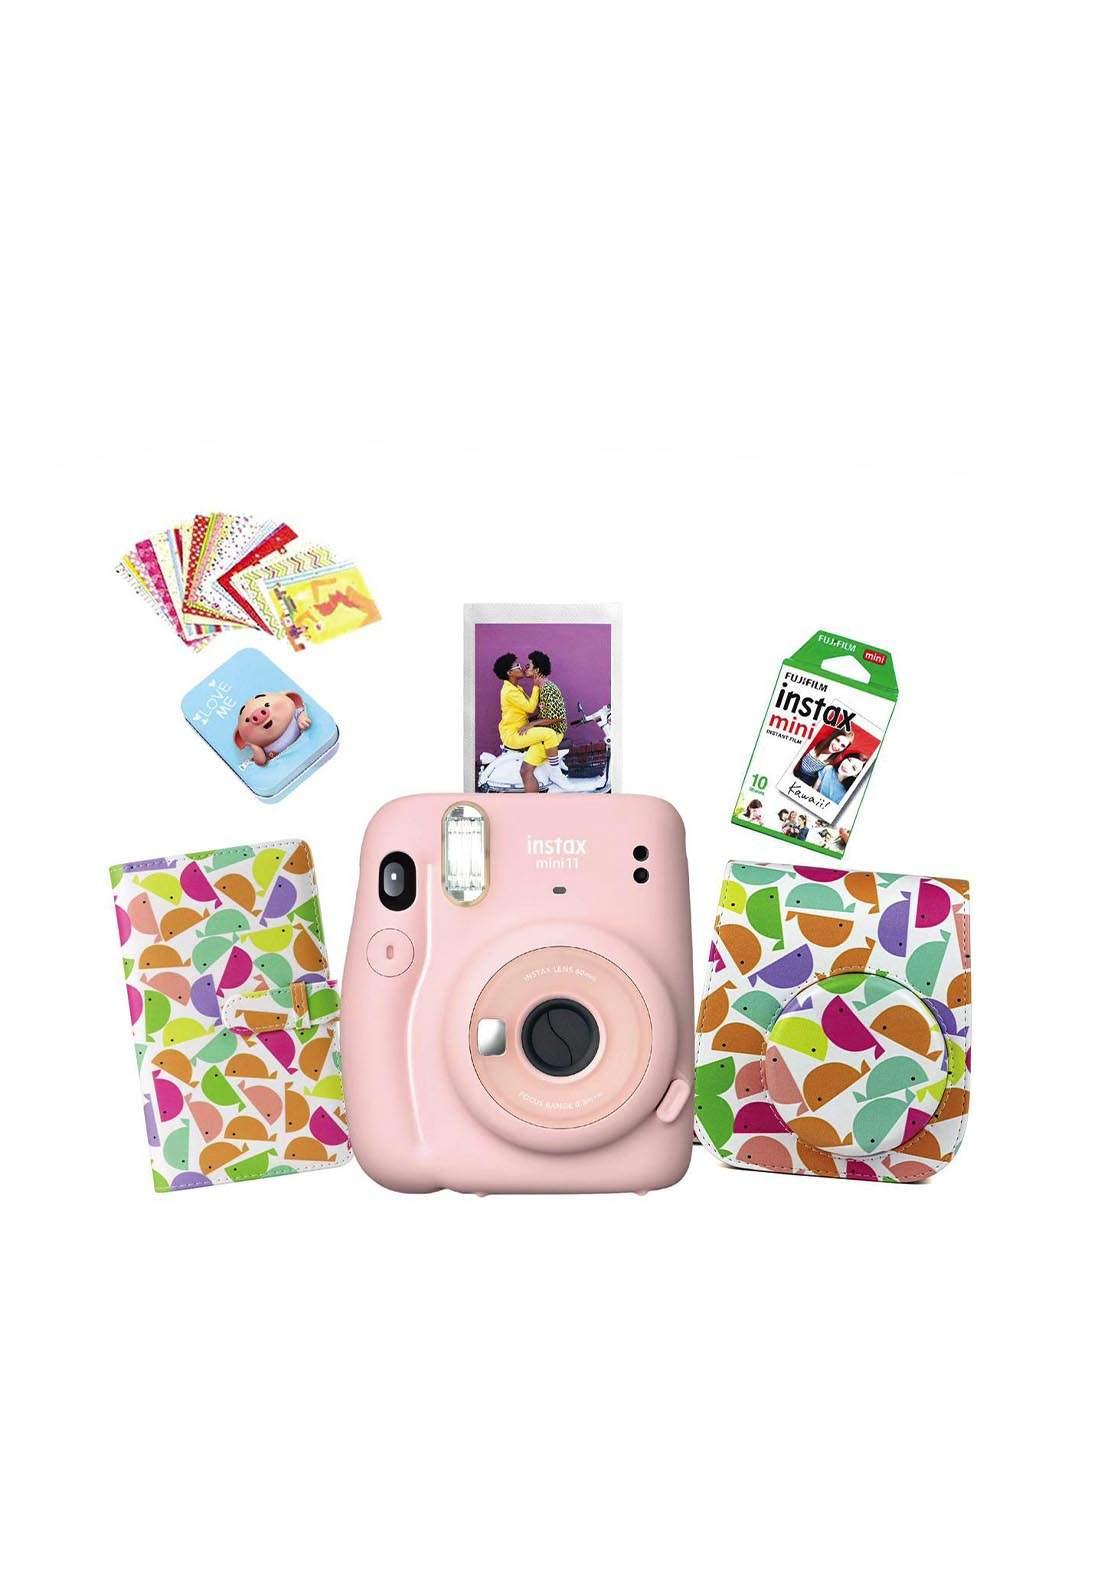 Fujifilm Instax LifeStyle Pack Mini11 Camera Package - Gray كاميرا فورية